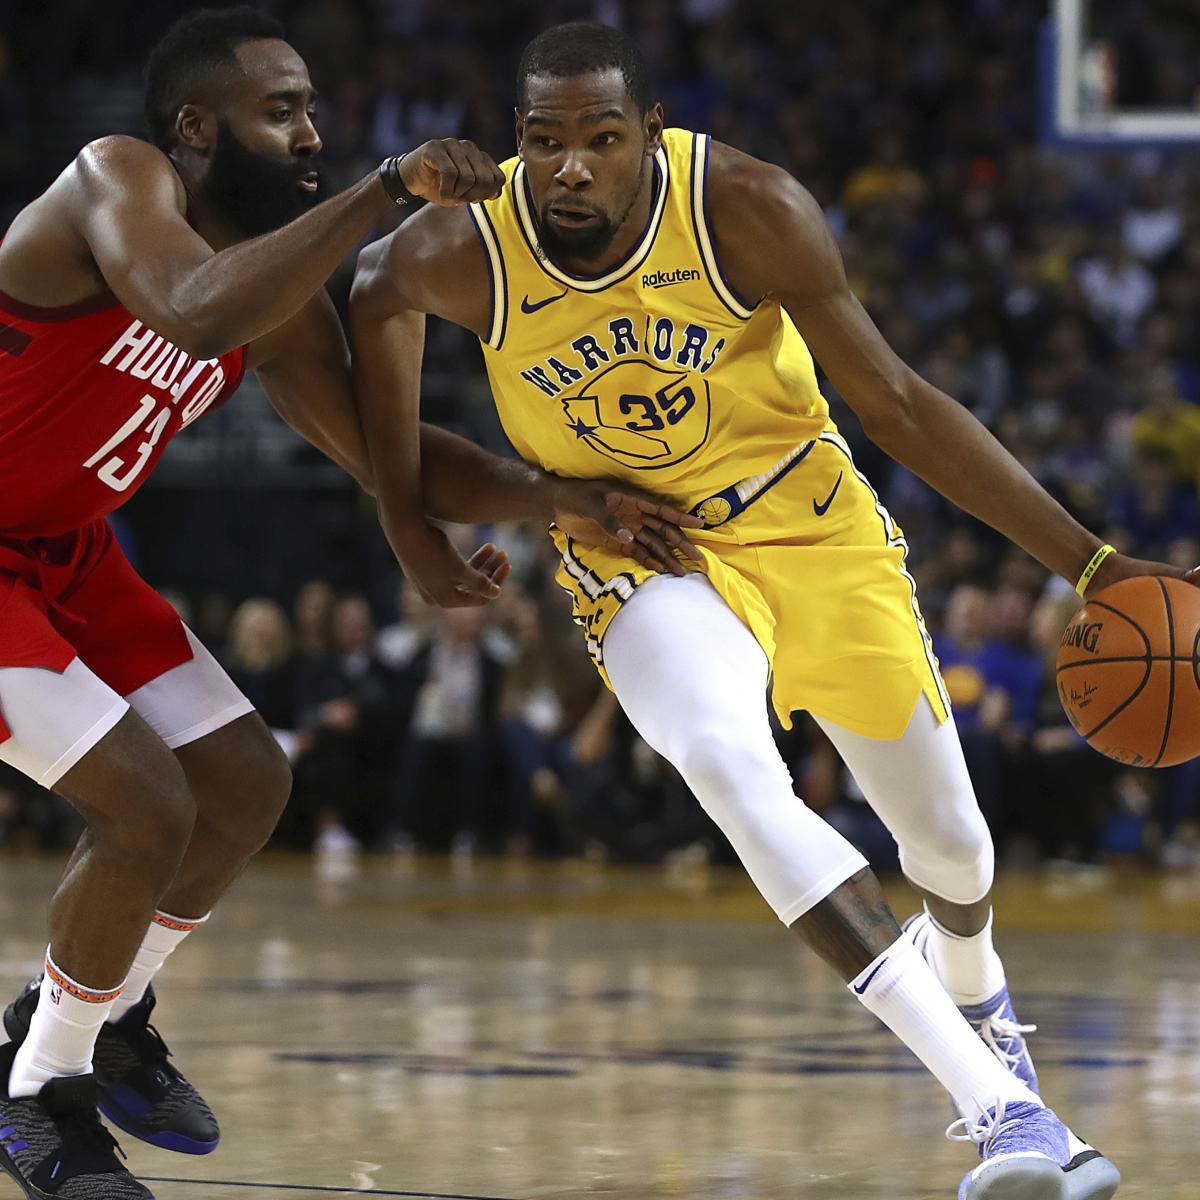 Rockets Vs Warriors Durant: Rockets Vs. Warriors L2M Report Confirms Kevin Durant Was